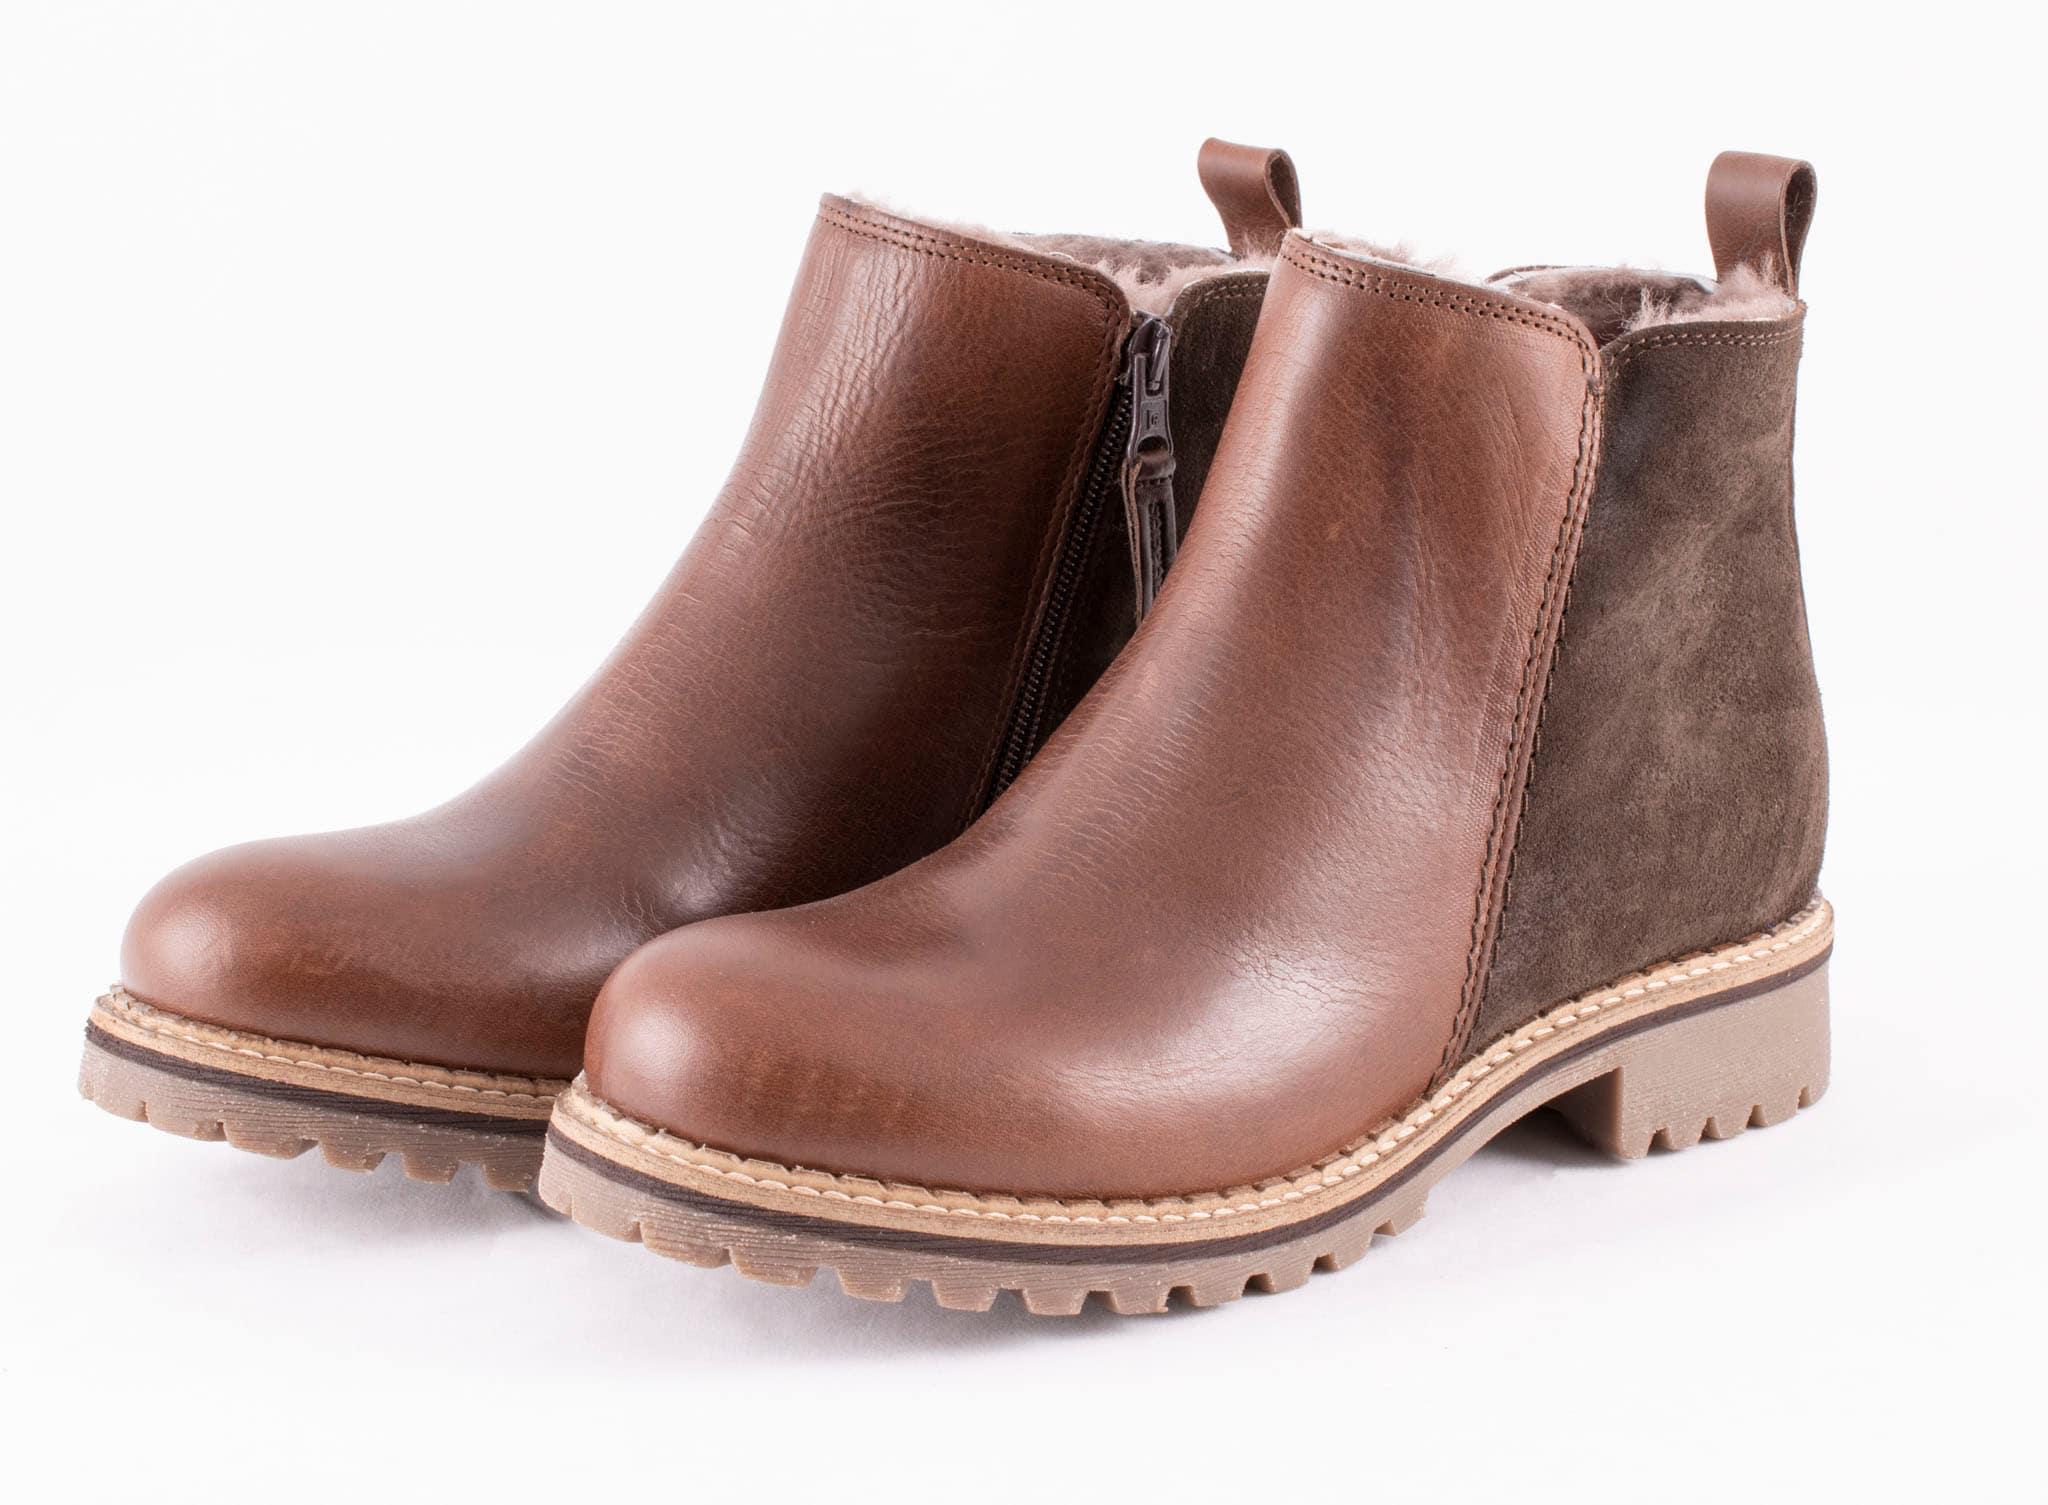 Ellinor boots